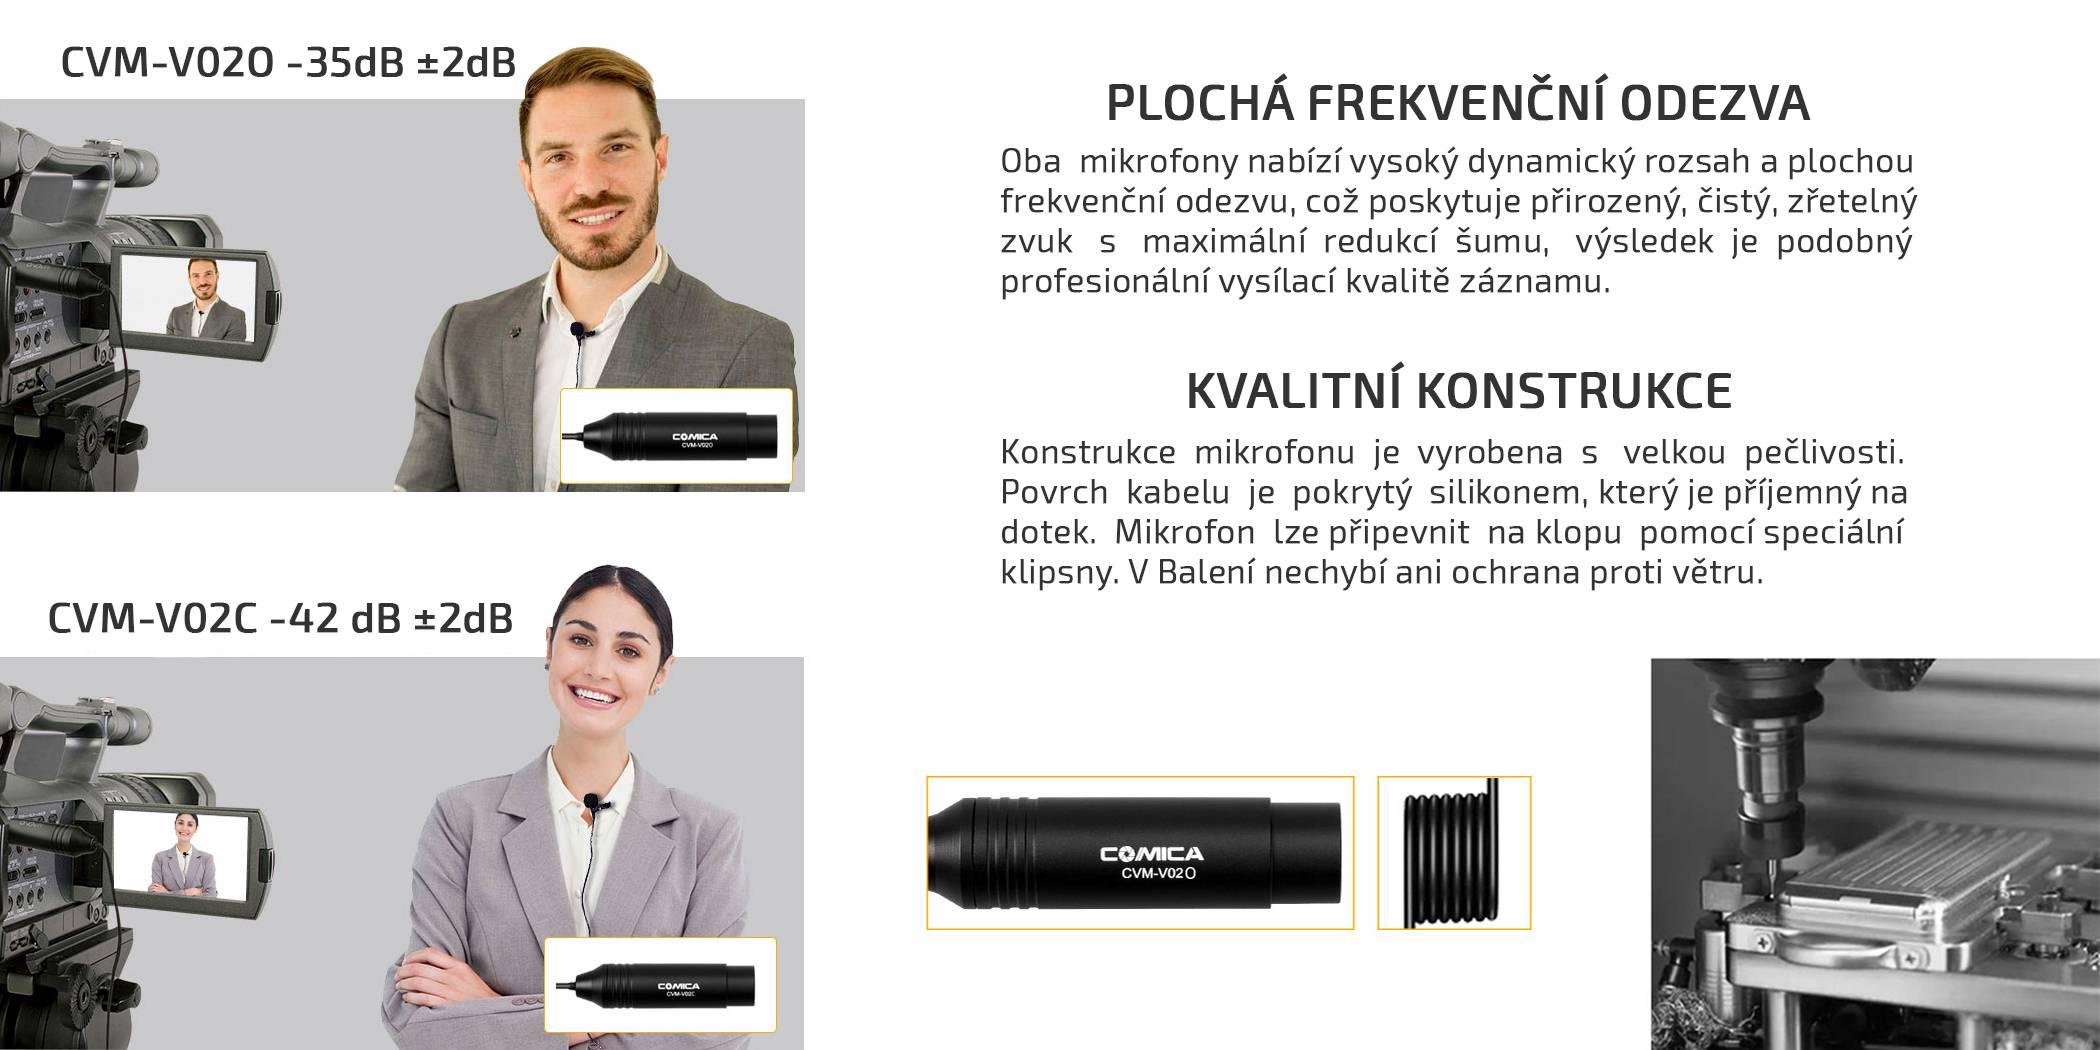 film-technika-camica-audio-xlr-cvm-v02o-vo2c-konstrukce-citlivost